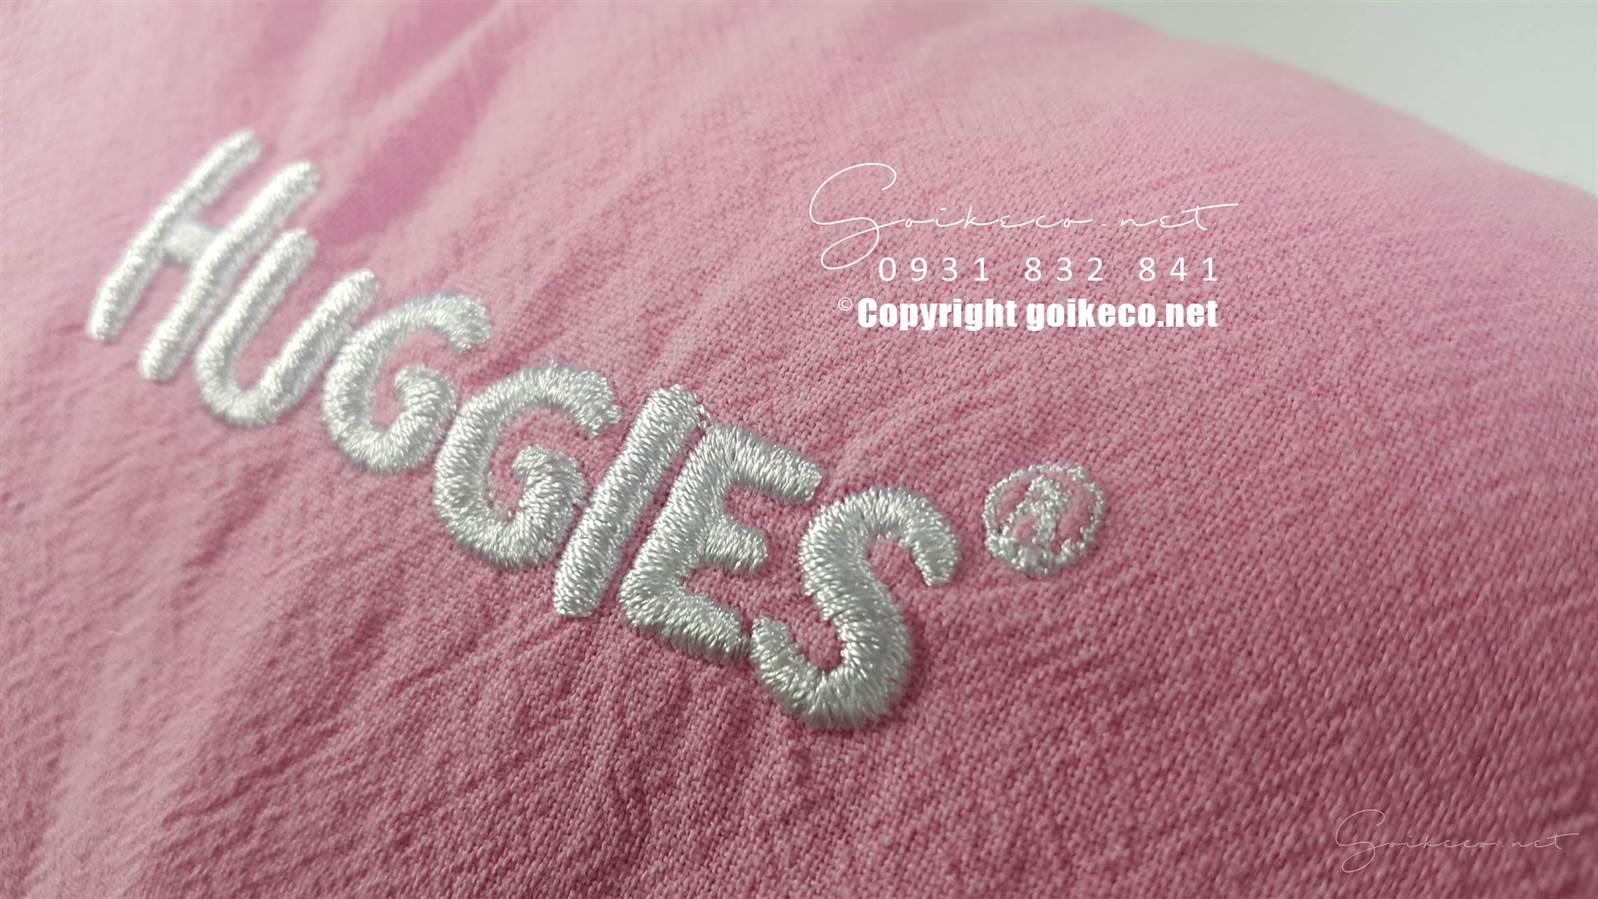 Mặt thêu logo gối tựa lưng huggies